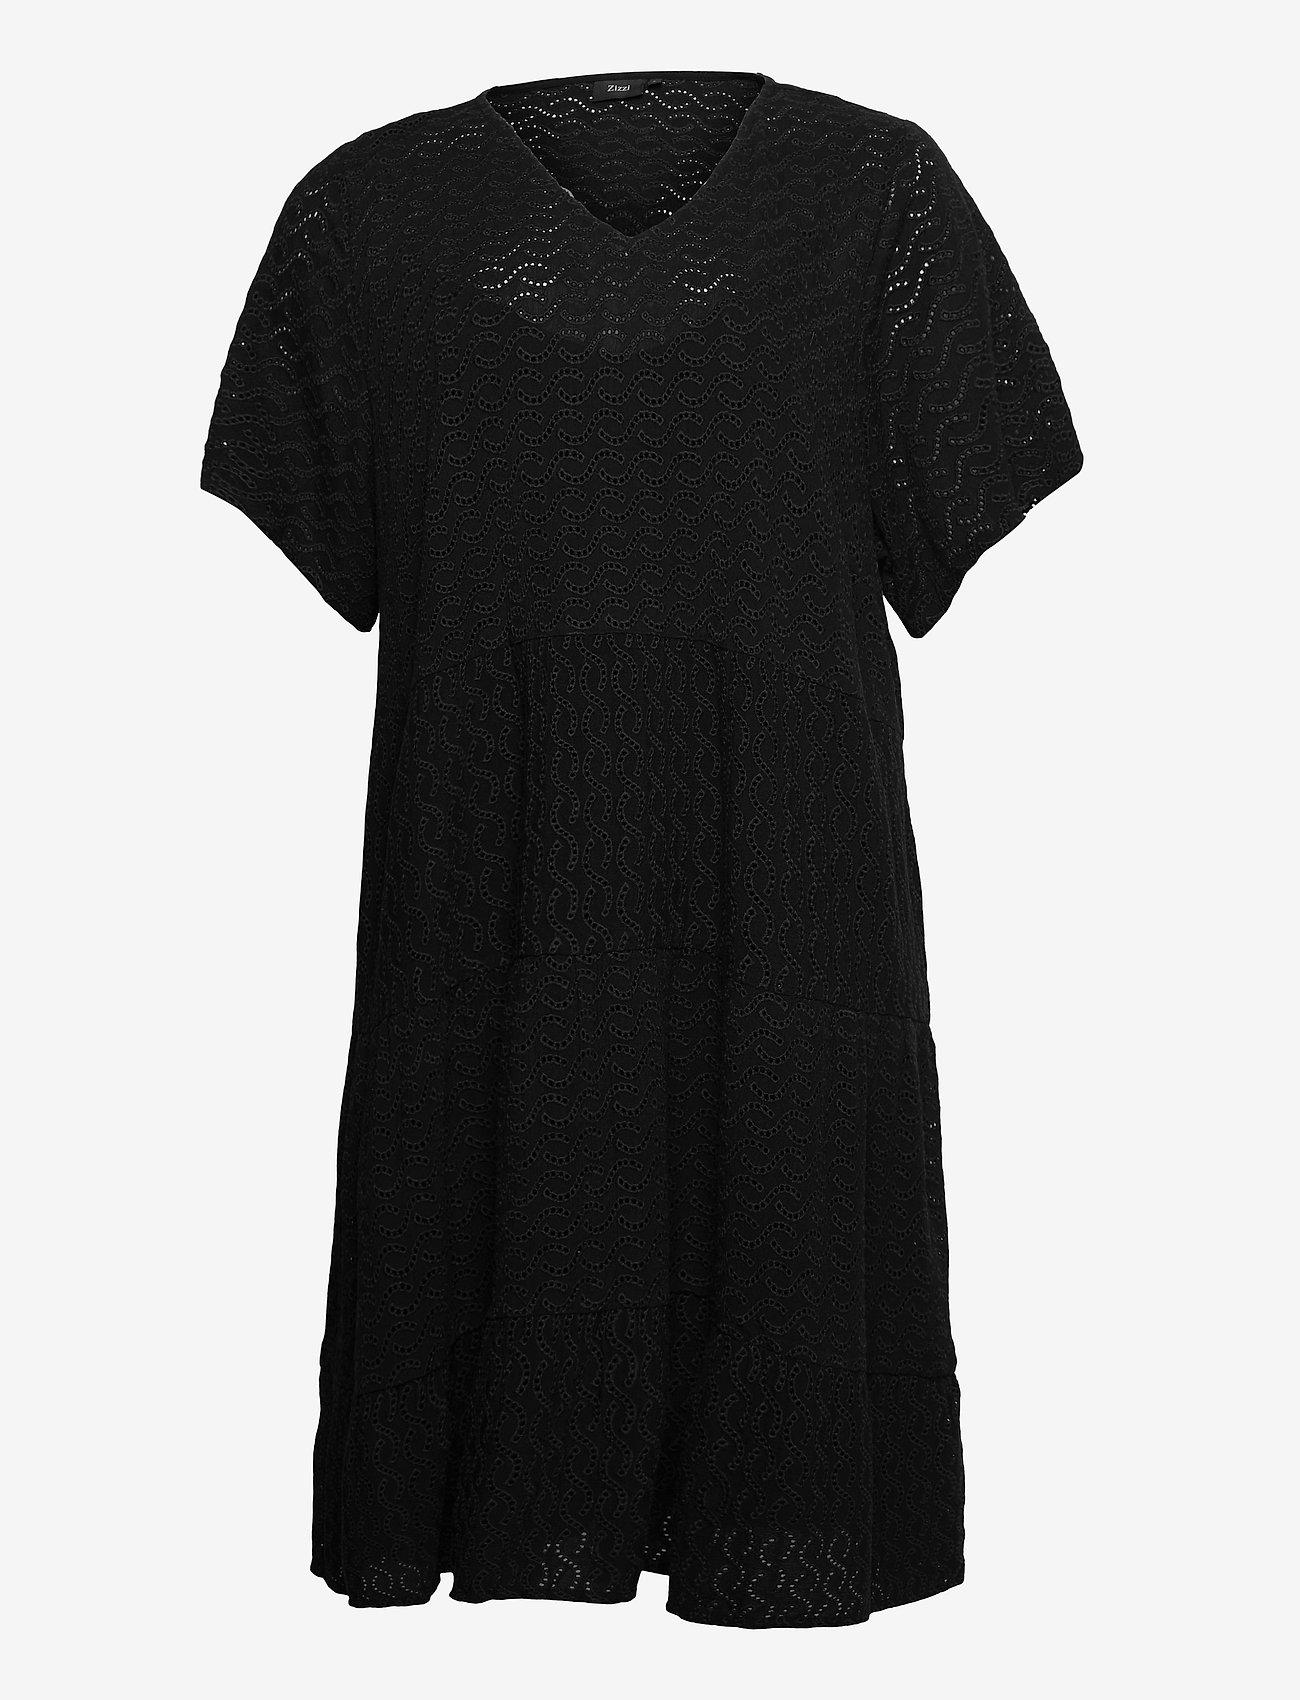 Zizzi - MANNE, S/S, KNEE DRESS - sommerkjoler - black - 0